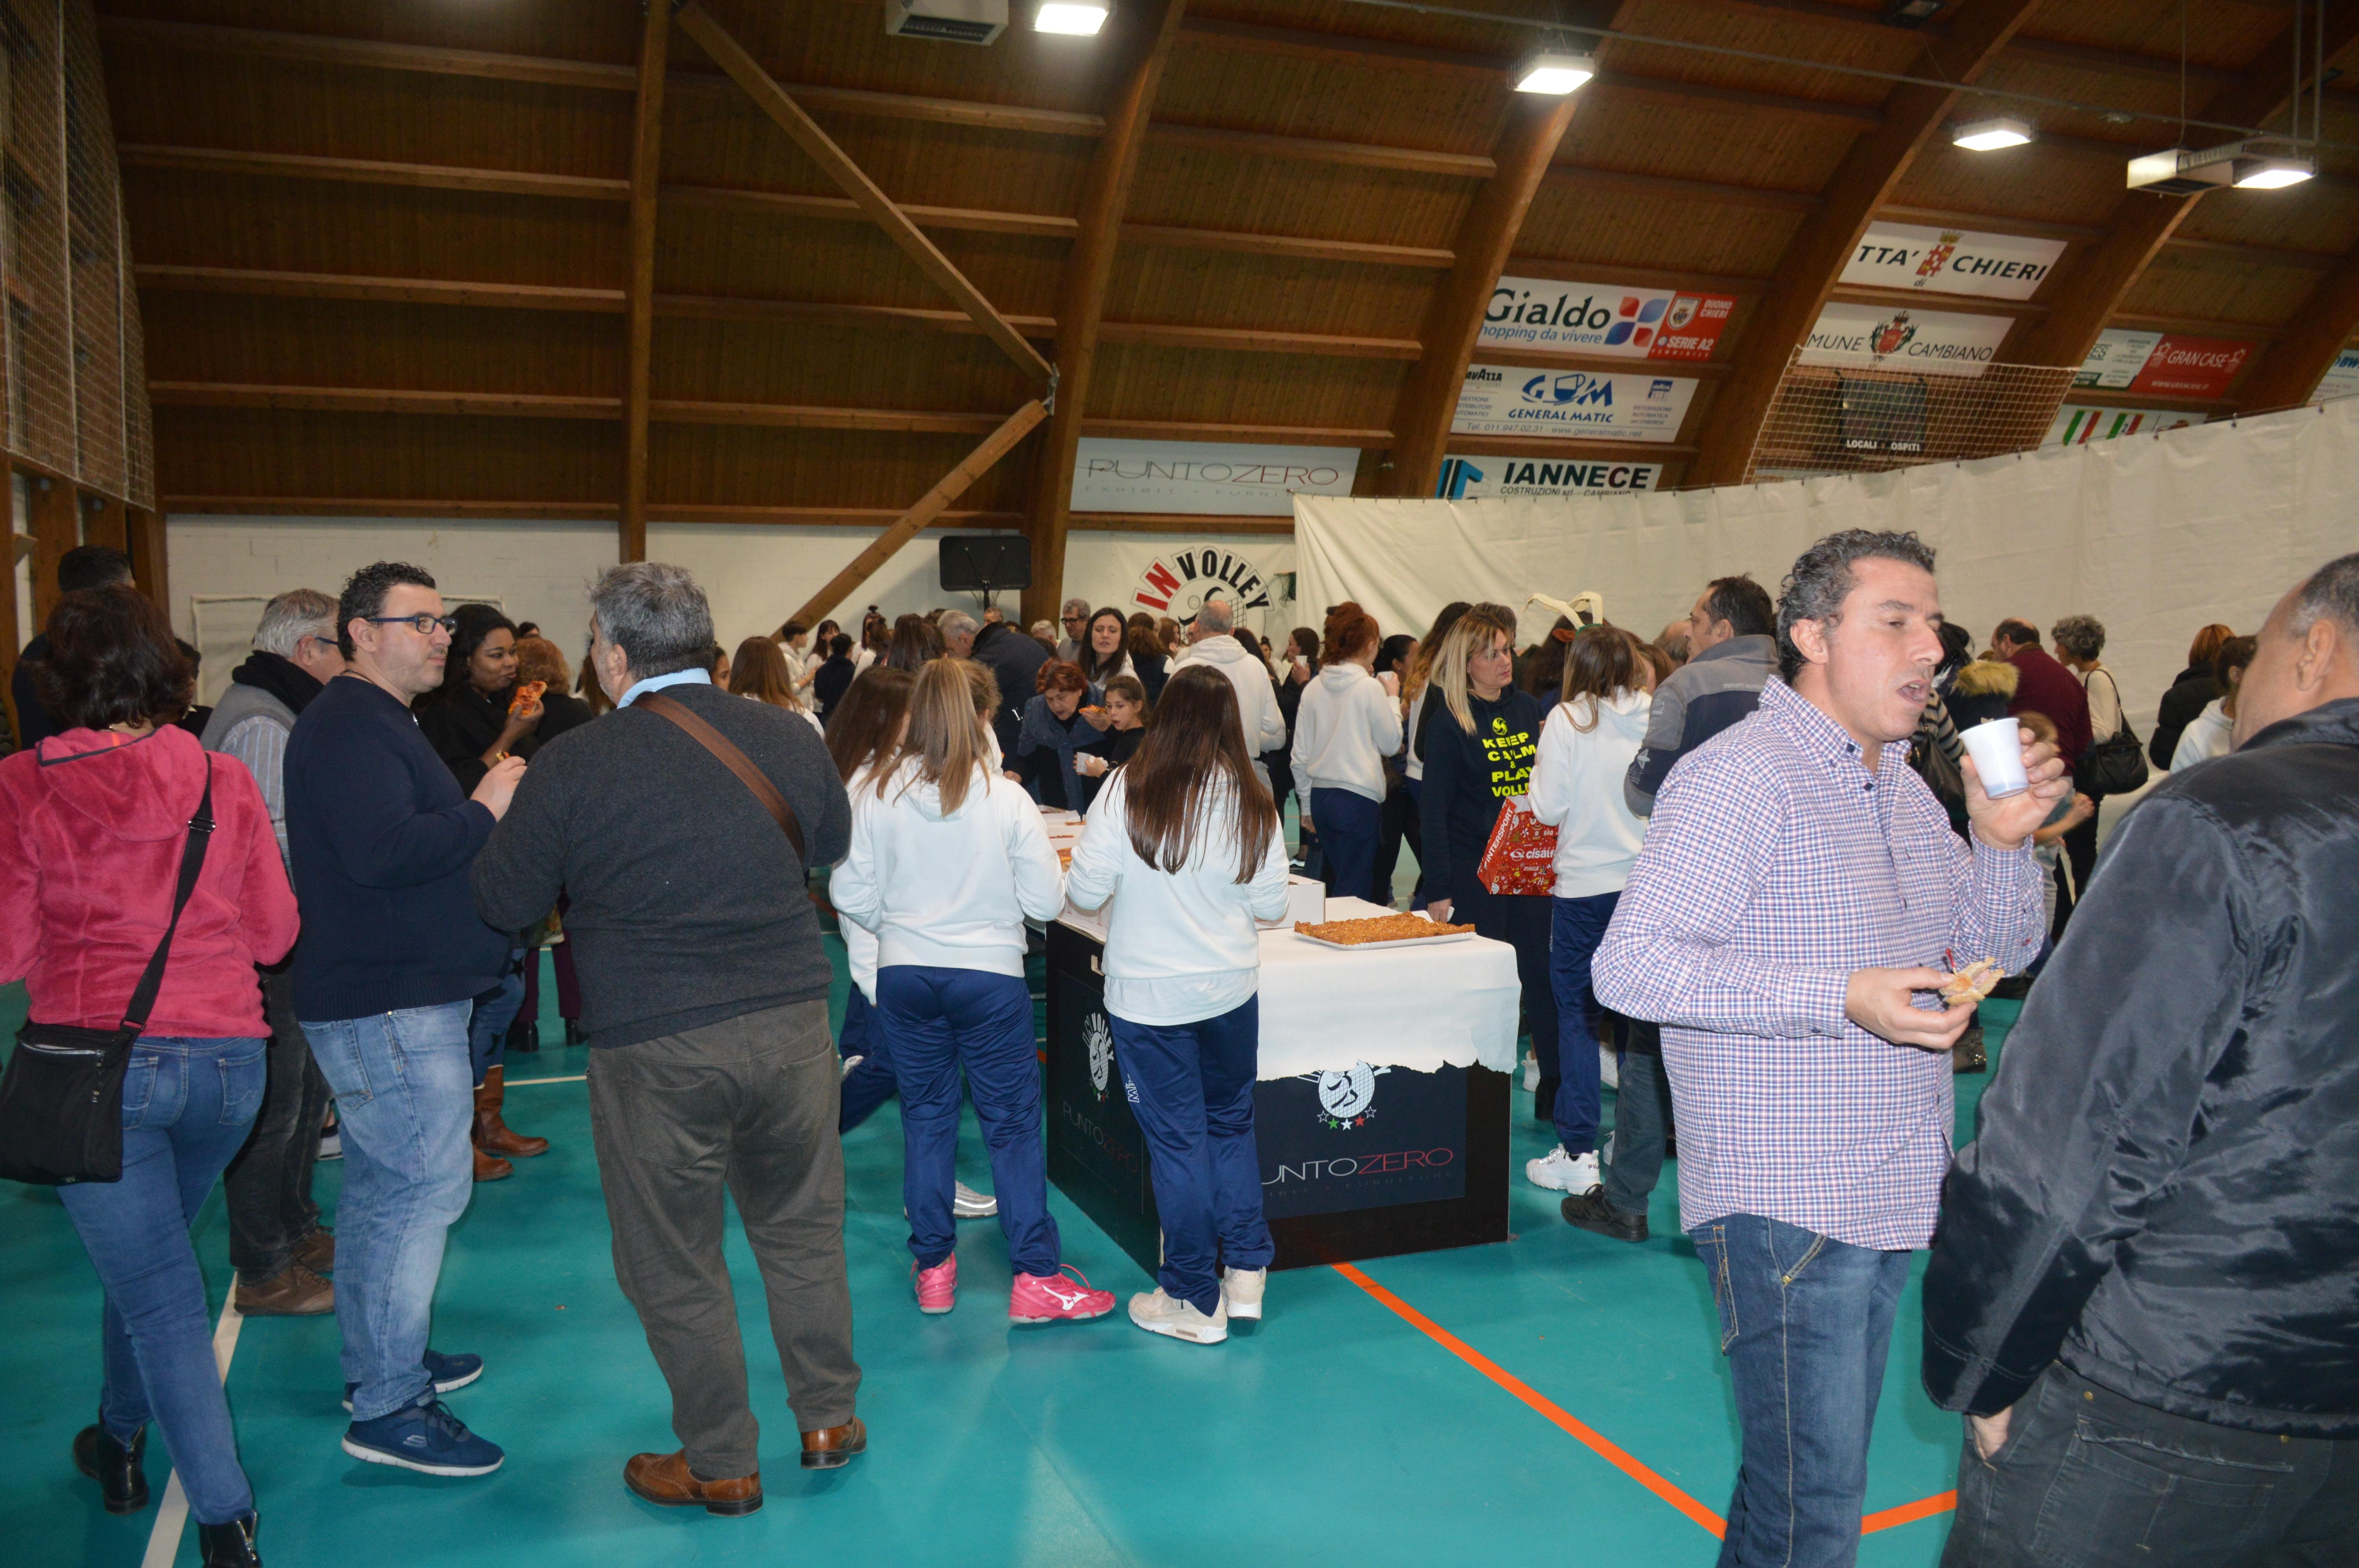 22-12-18 festa involley 004